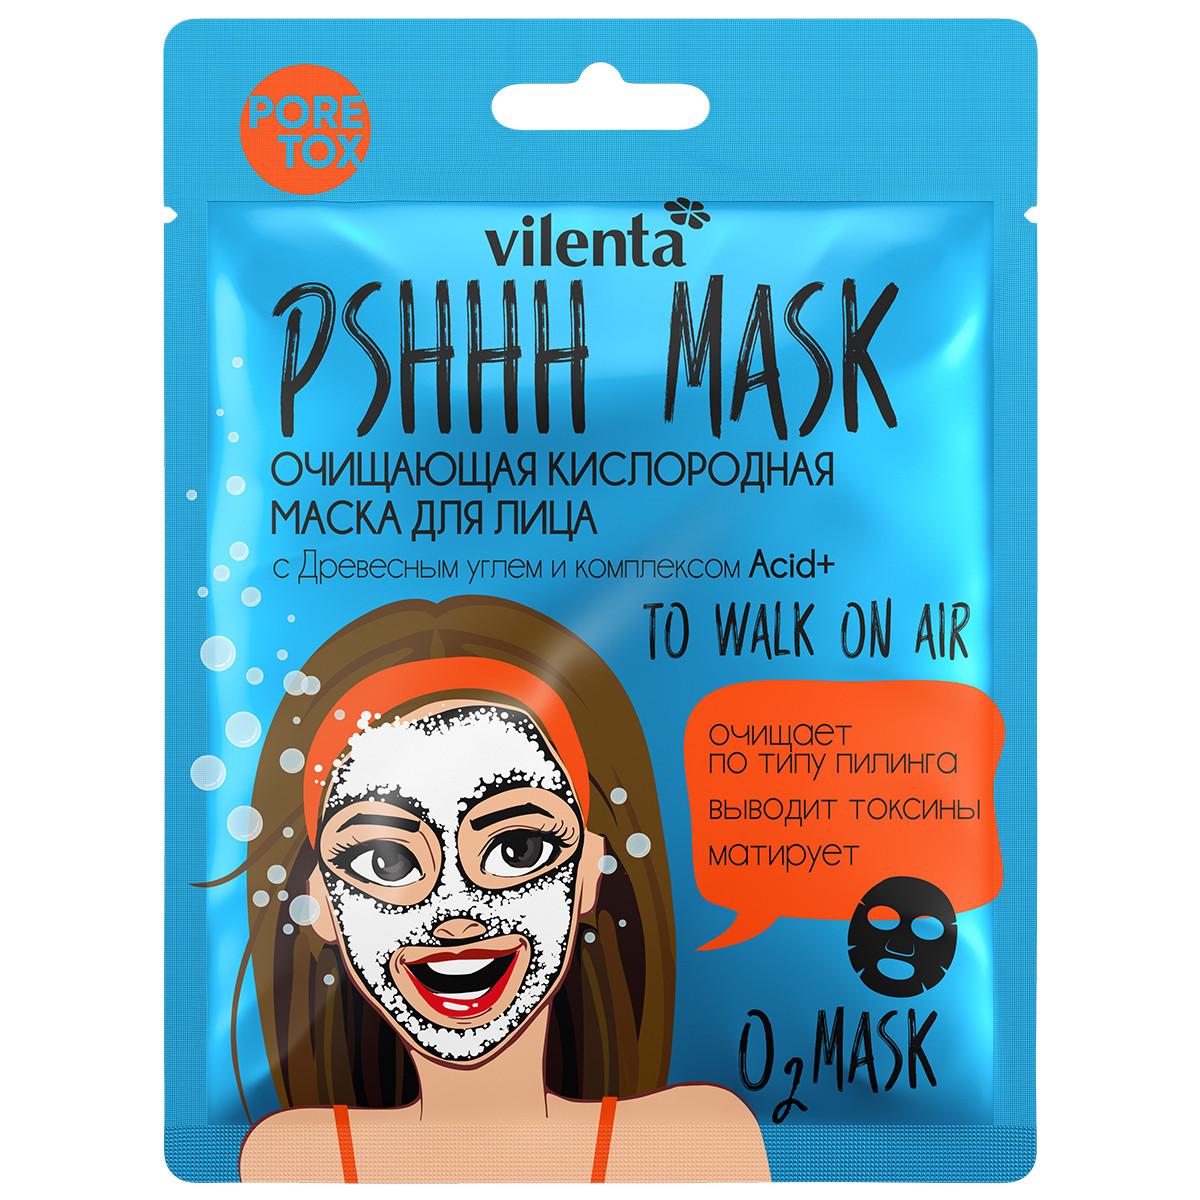 VILENTA Тканевая очищающая кислородная маска для лица PSHHH MASK TO WALK ON AIR с Древесным углем и комплексом